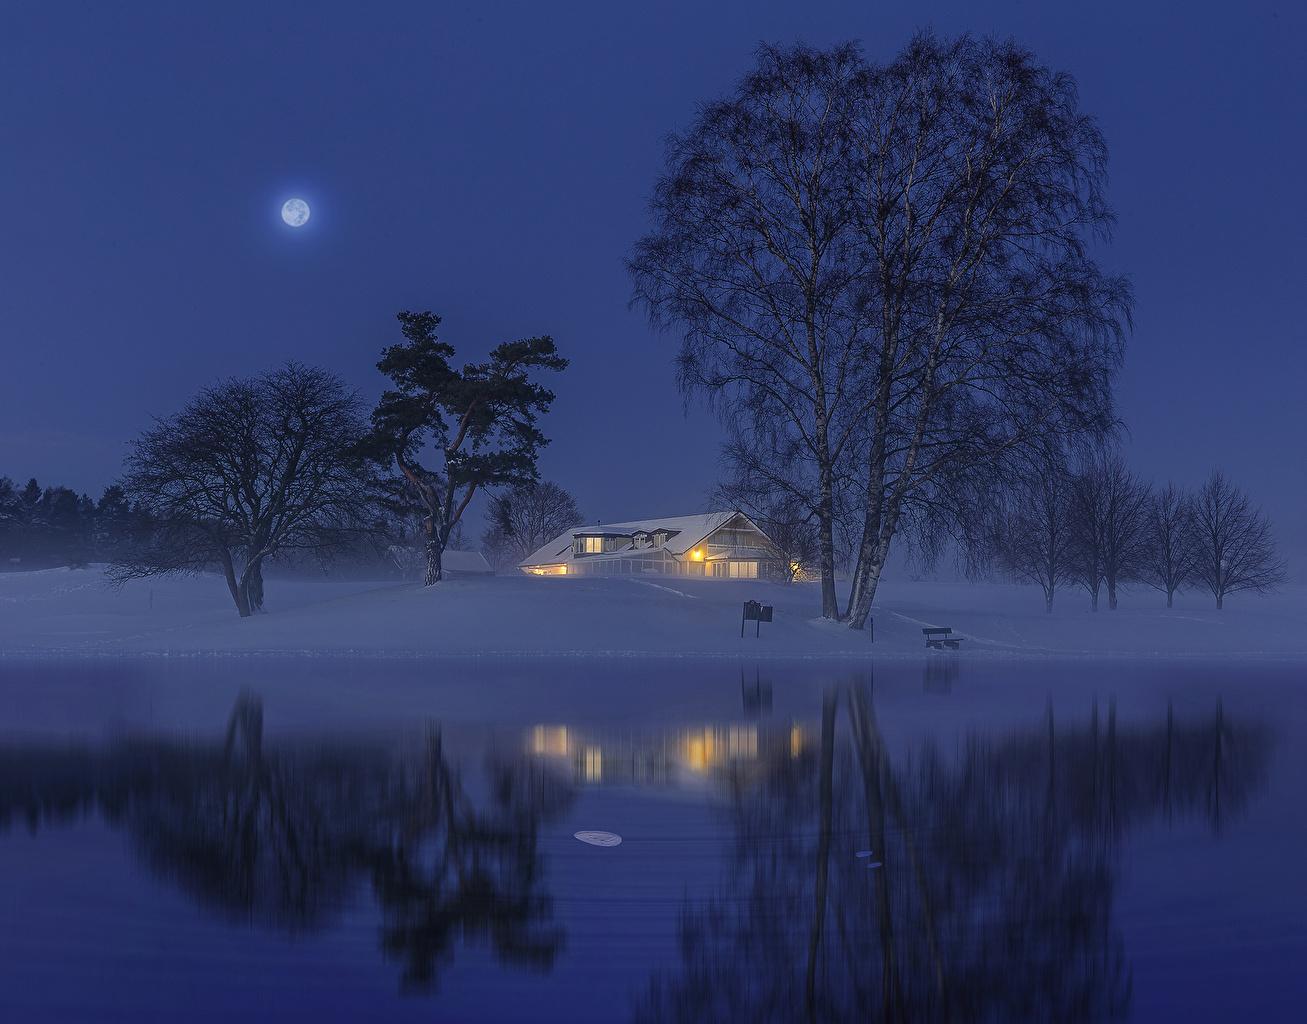 Зимние фотки картинки  Юмор болталка флудилка игровая